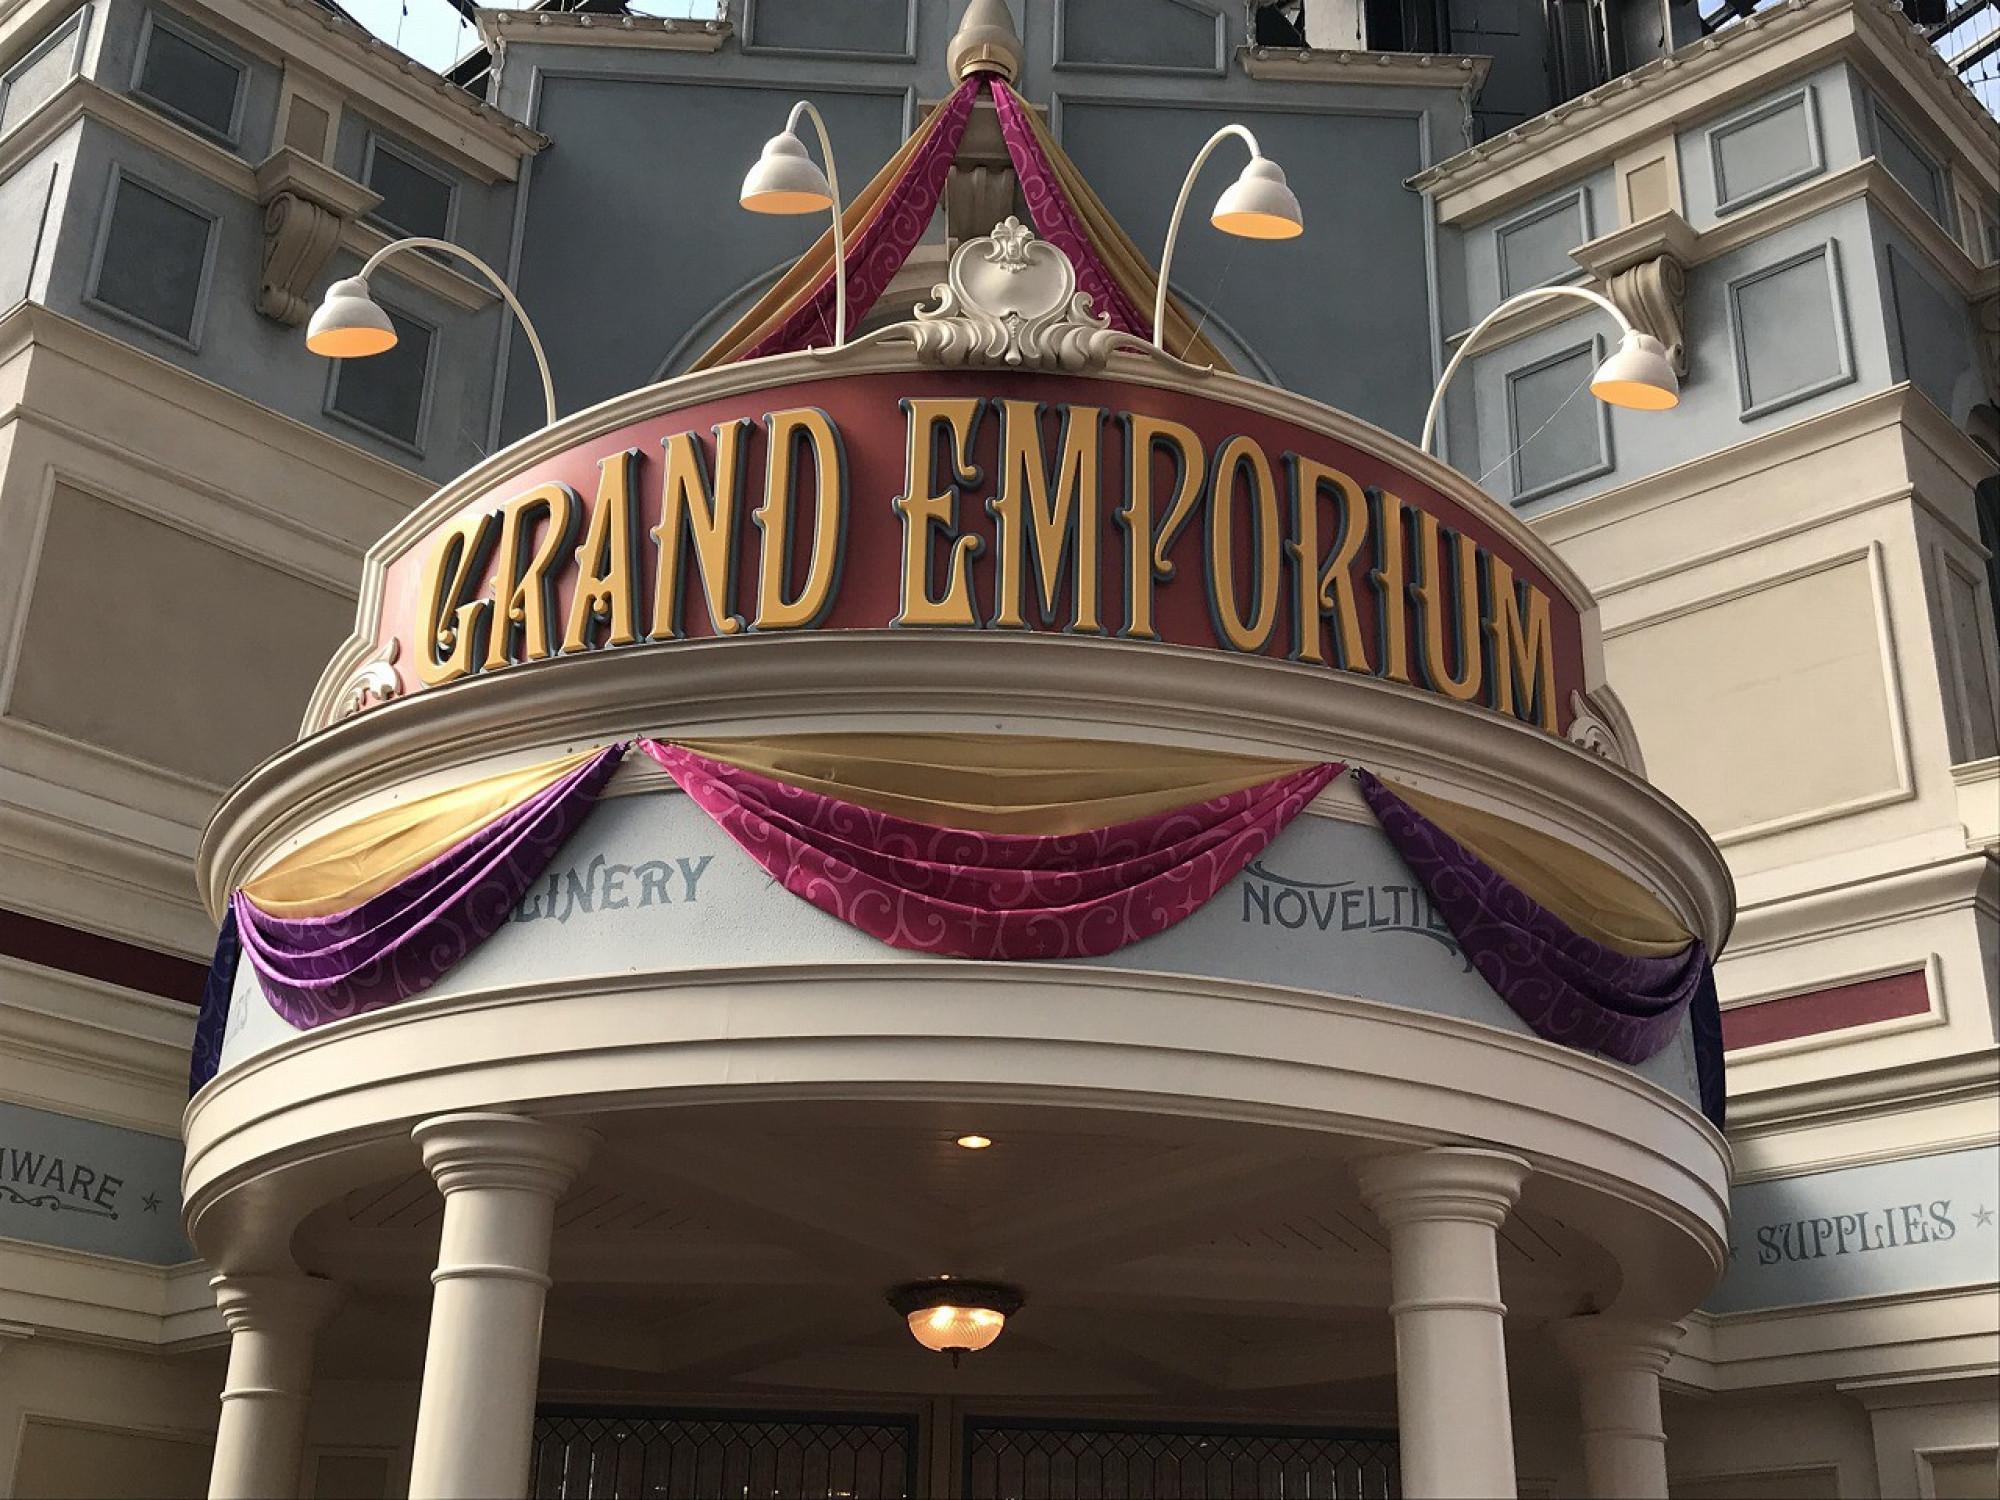 東京ディズニーランドで1番大きいお土産「グランドエンポーリアム」